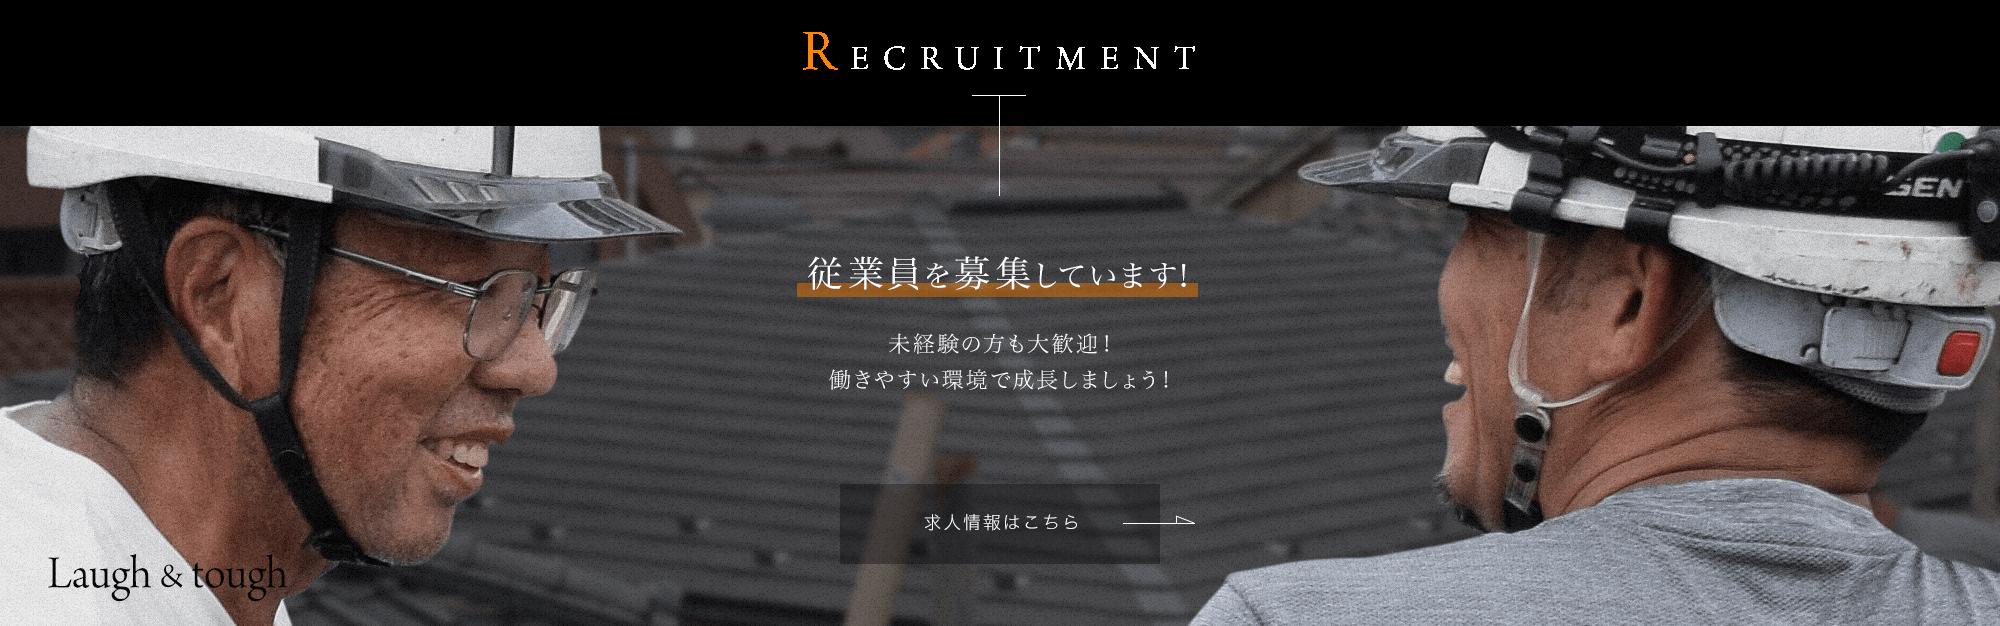 RECRUITMENT 従業員を募集しています!未経験の方も大歓迎!働きやすい職場で成長しましょう! 求人情報はこちら→